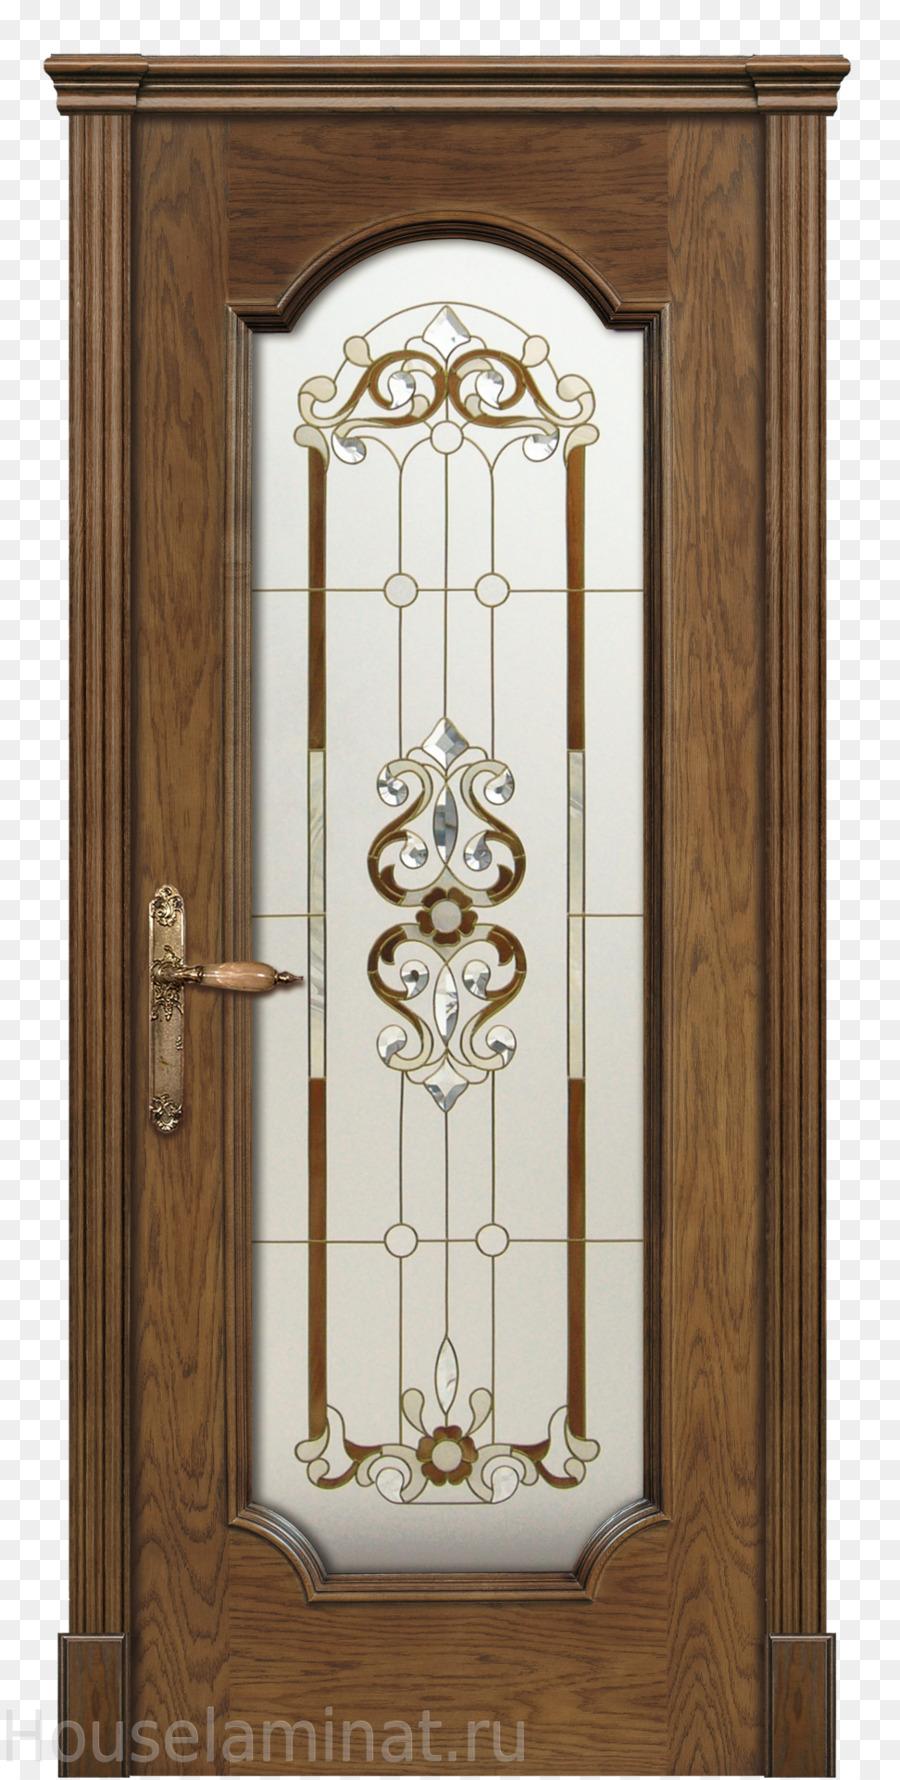 Door Stained Glass Window Art Glass Door Png Download 9721920